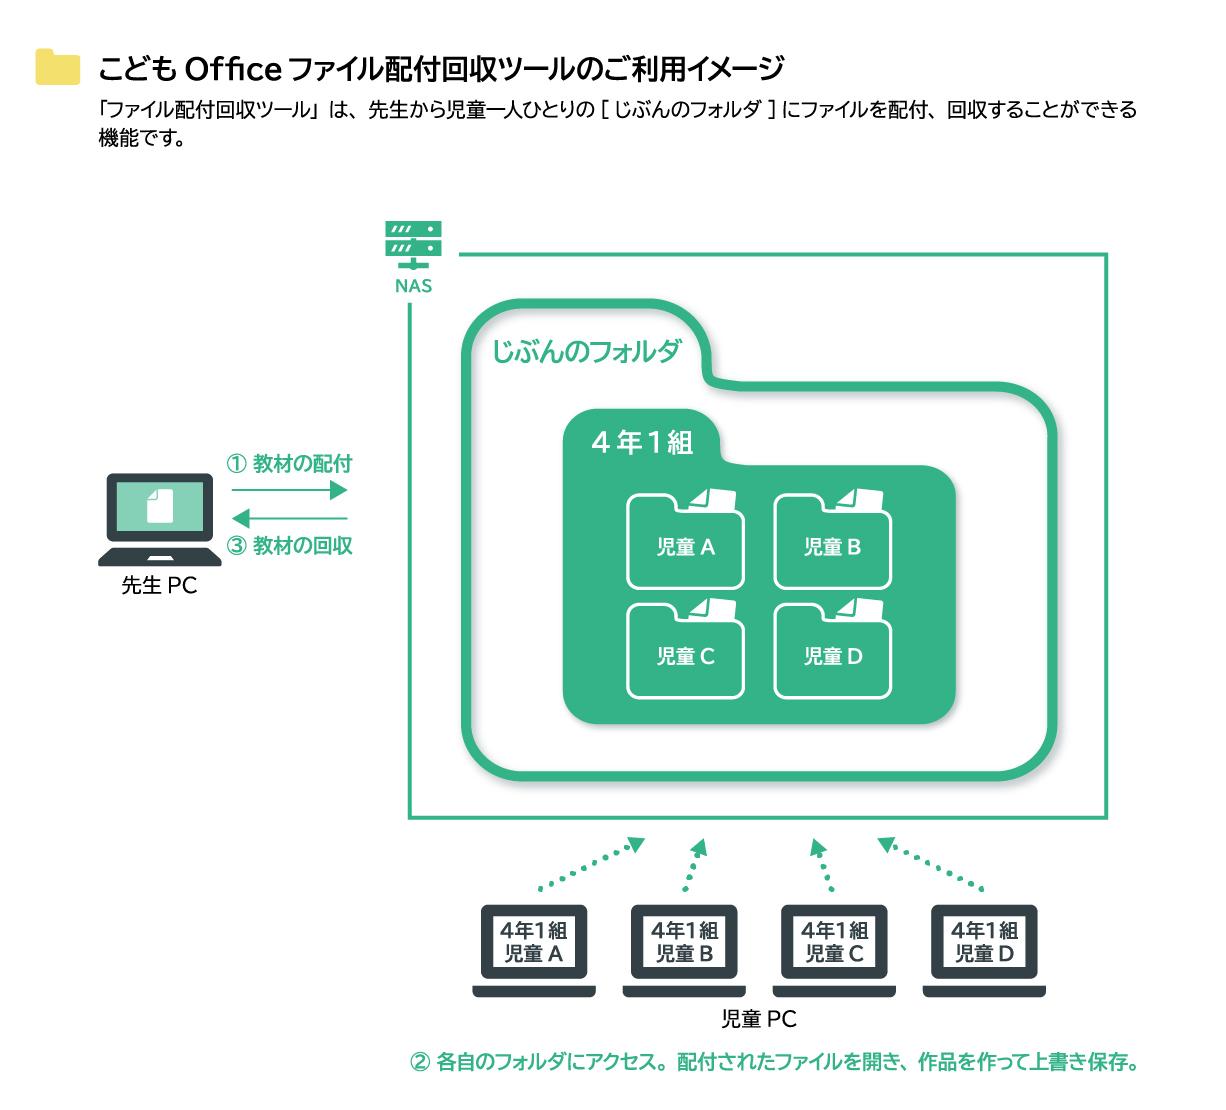 ファイル配付・回収ツール